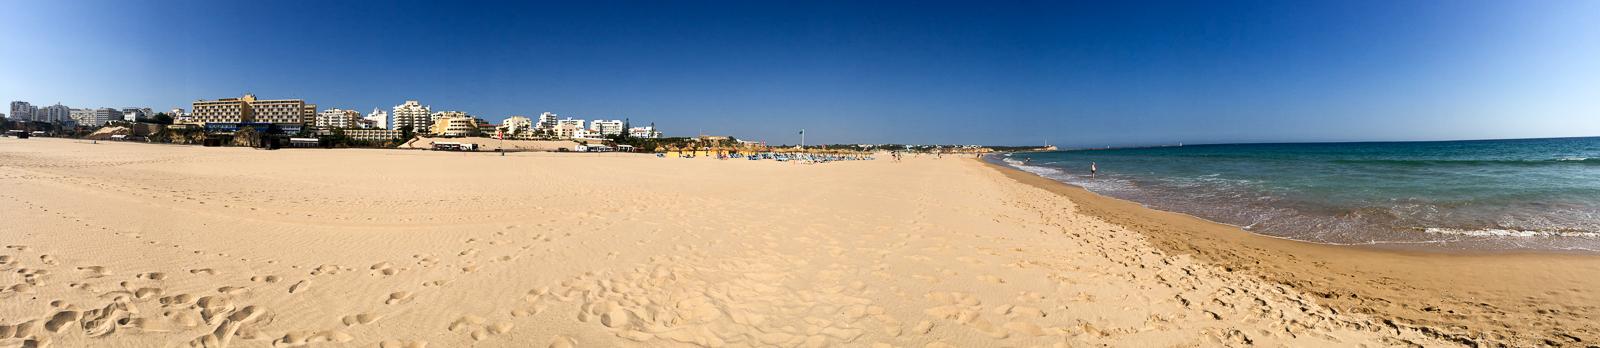 Dag06-Algarve-028-IMG_2213